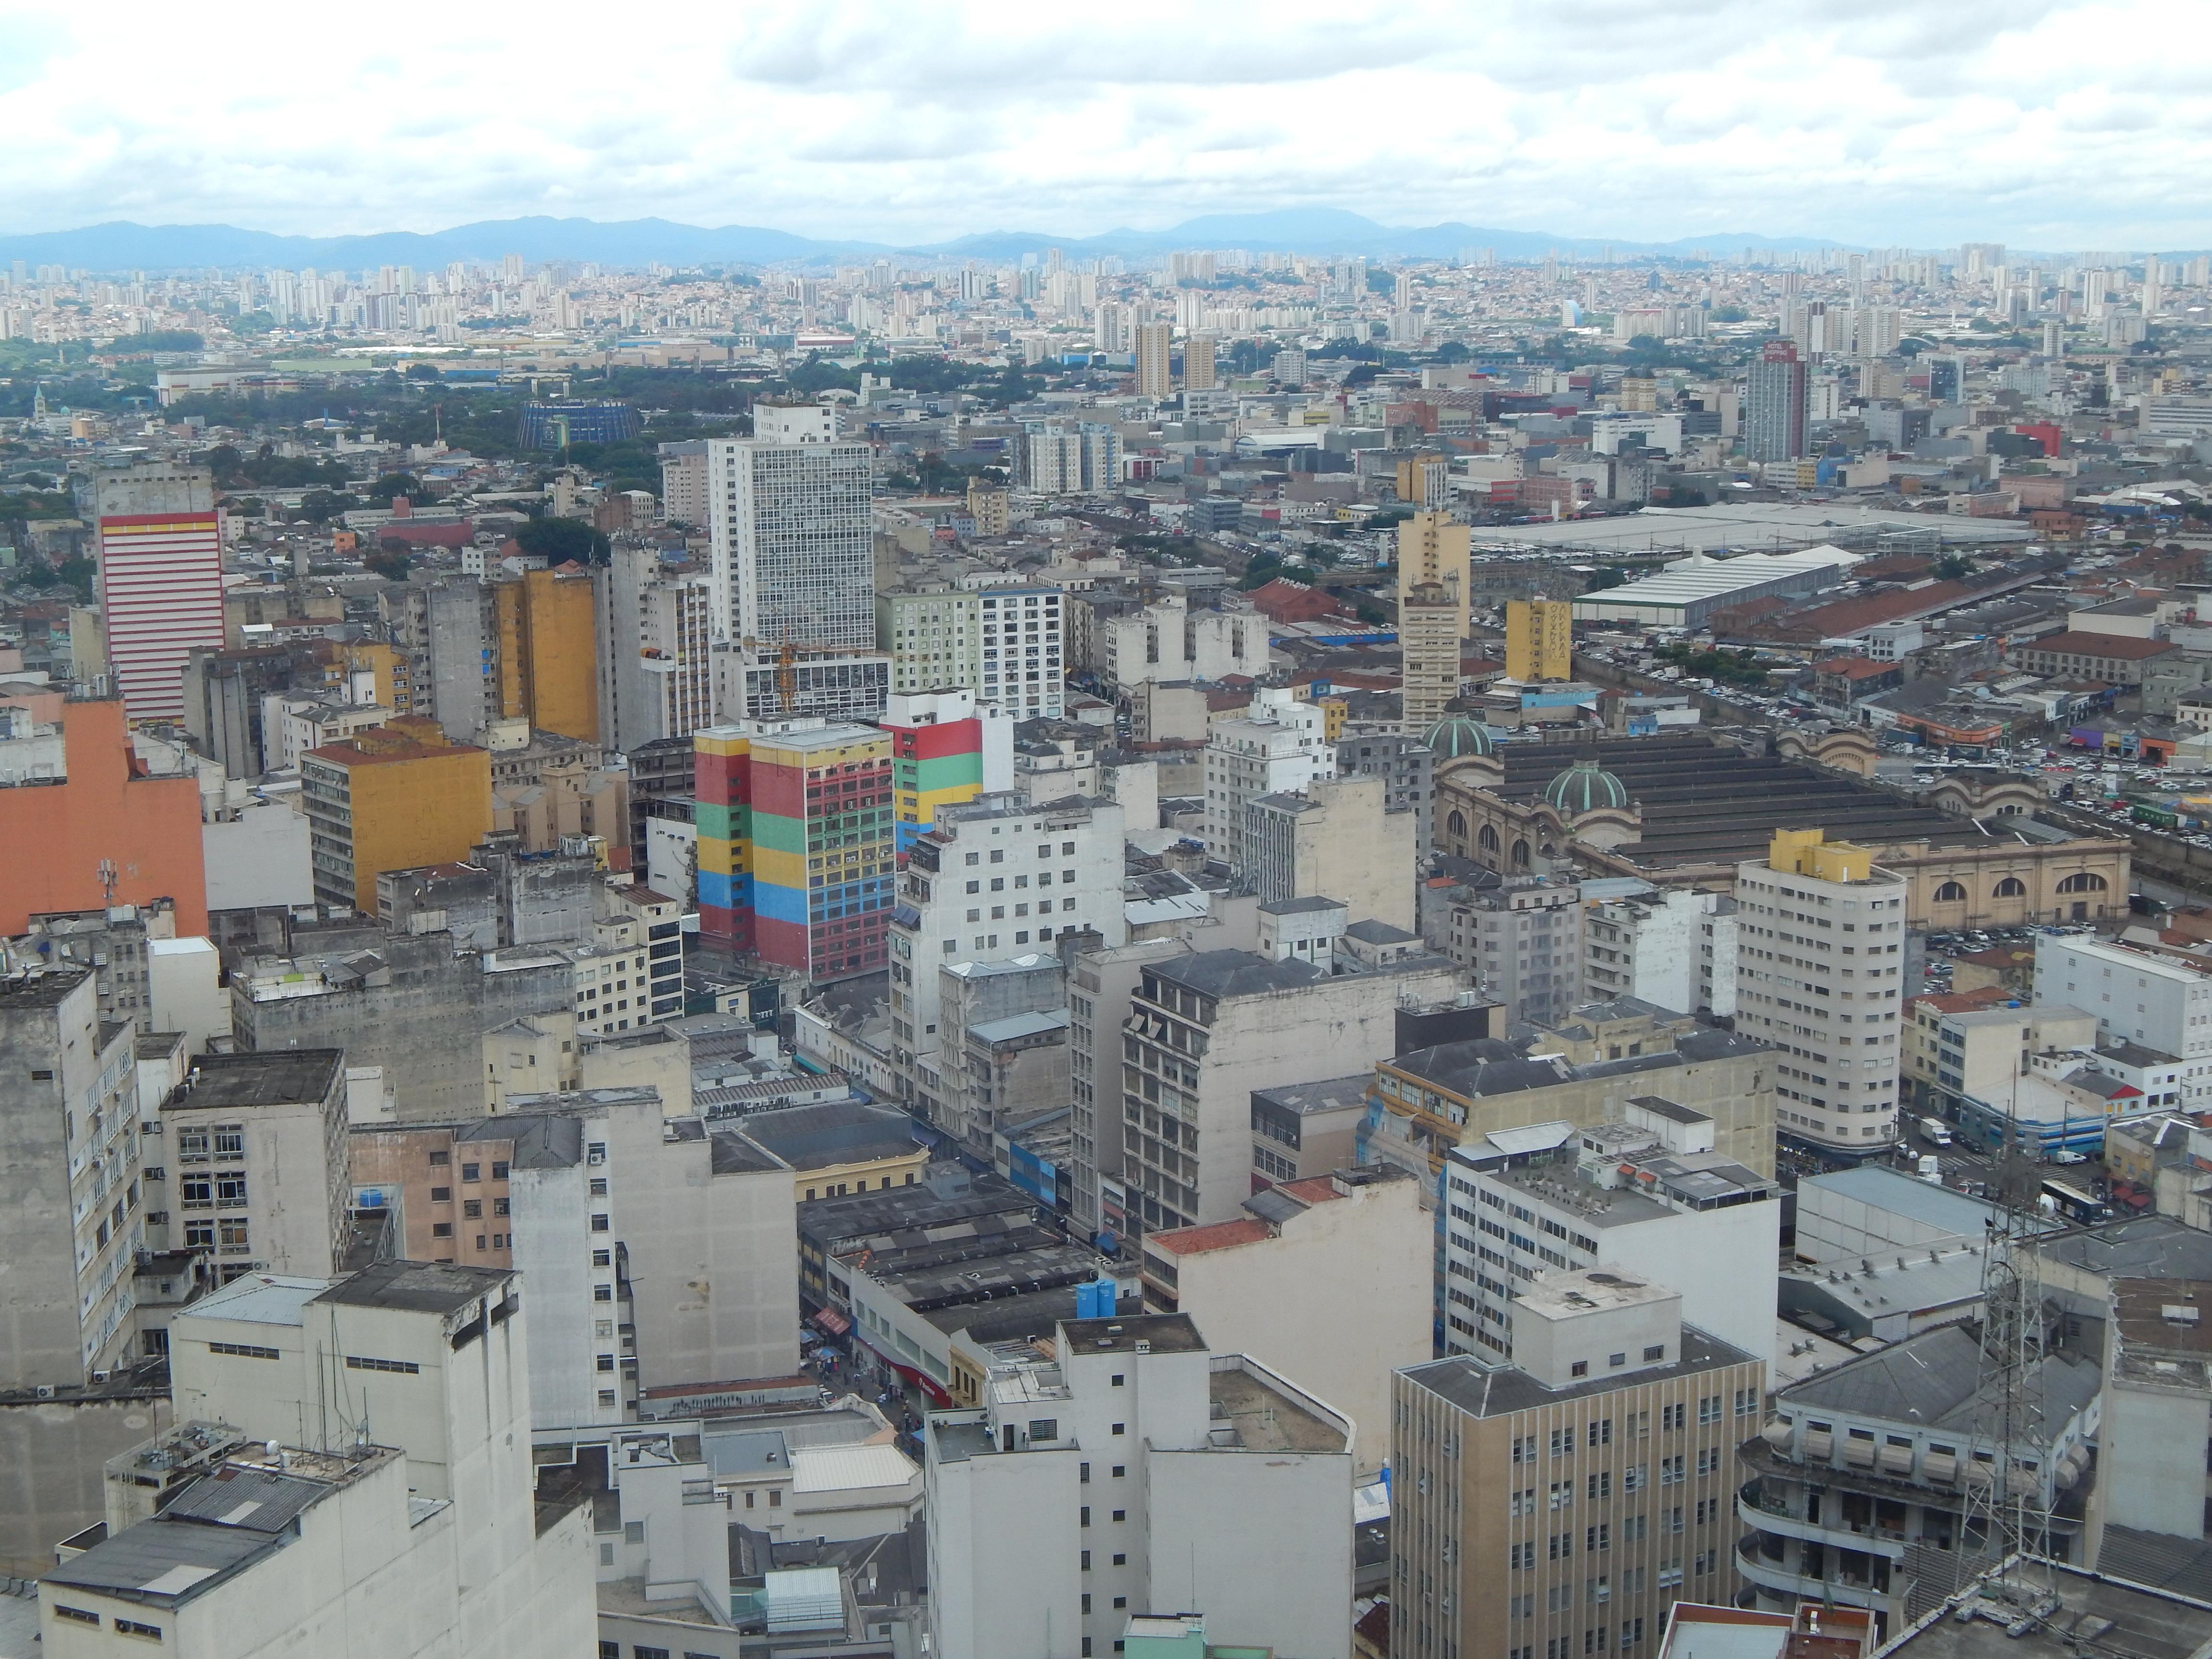 DSCN1643 - O que o centro paulistano esconde